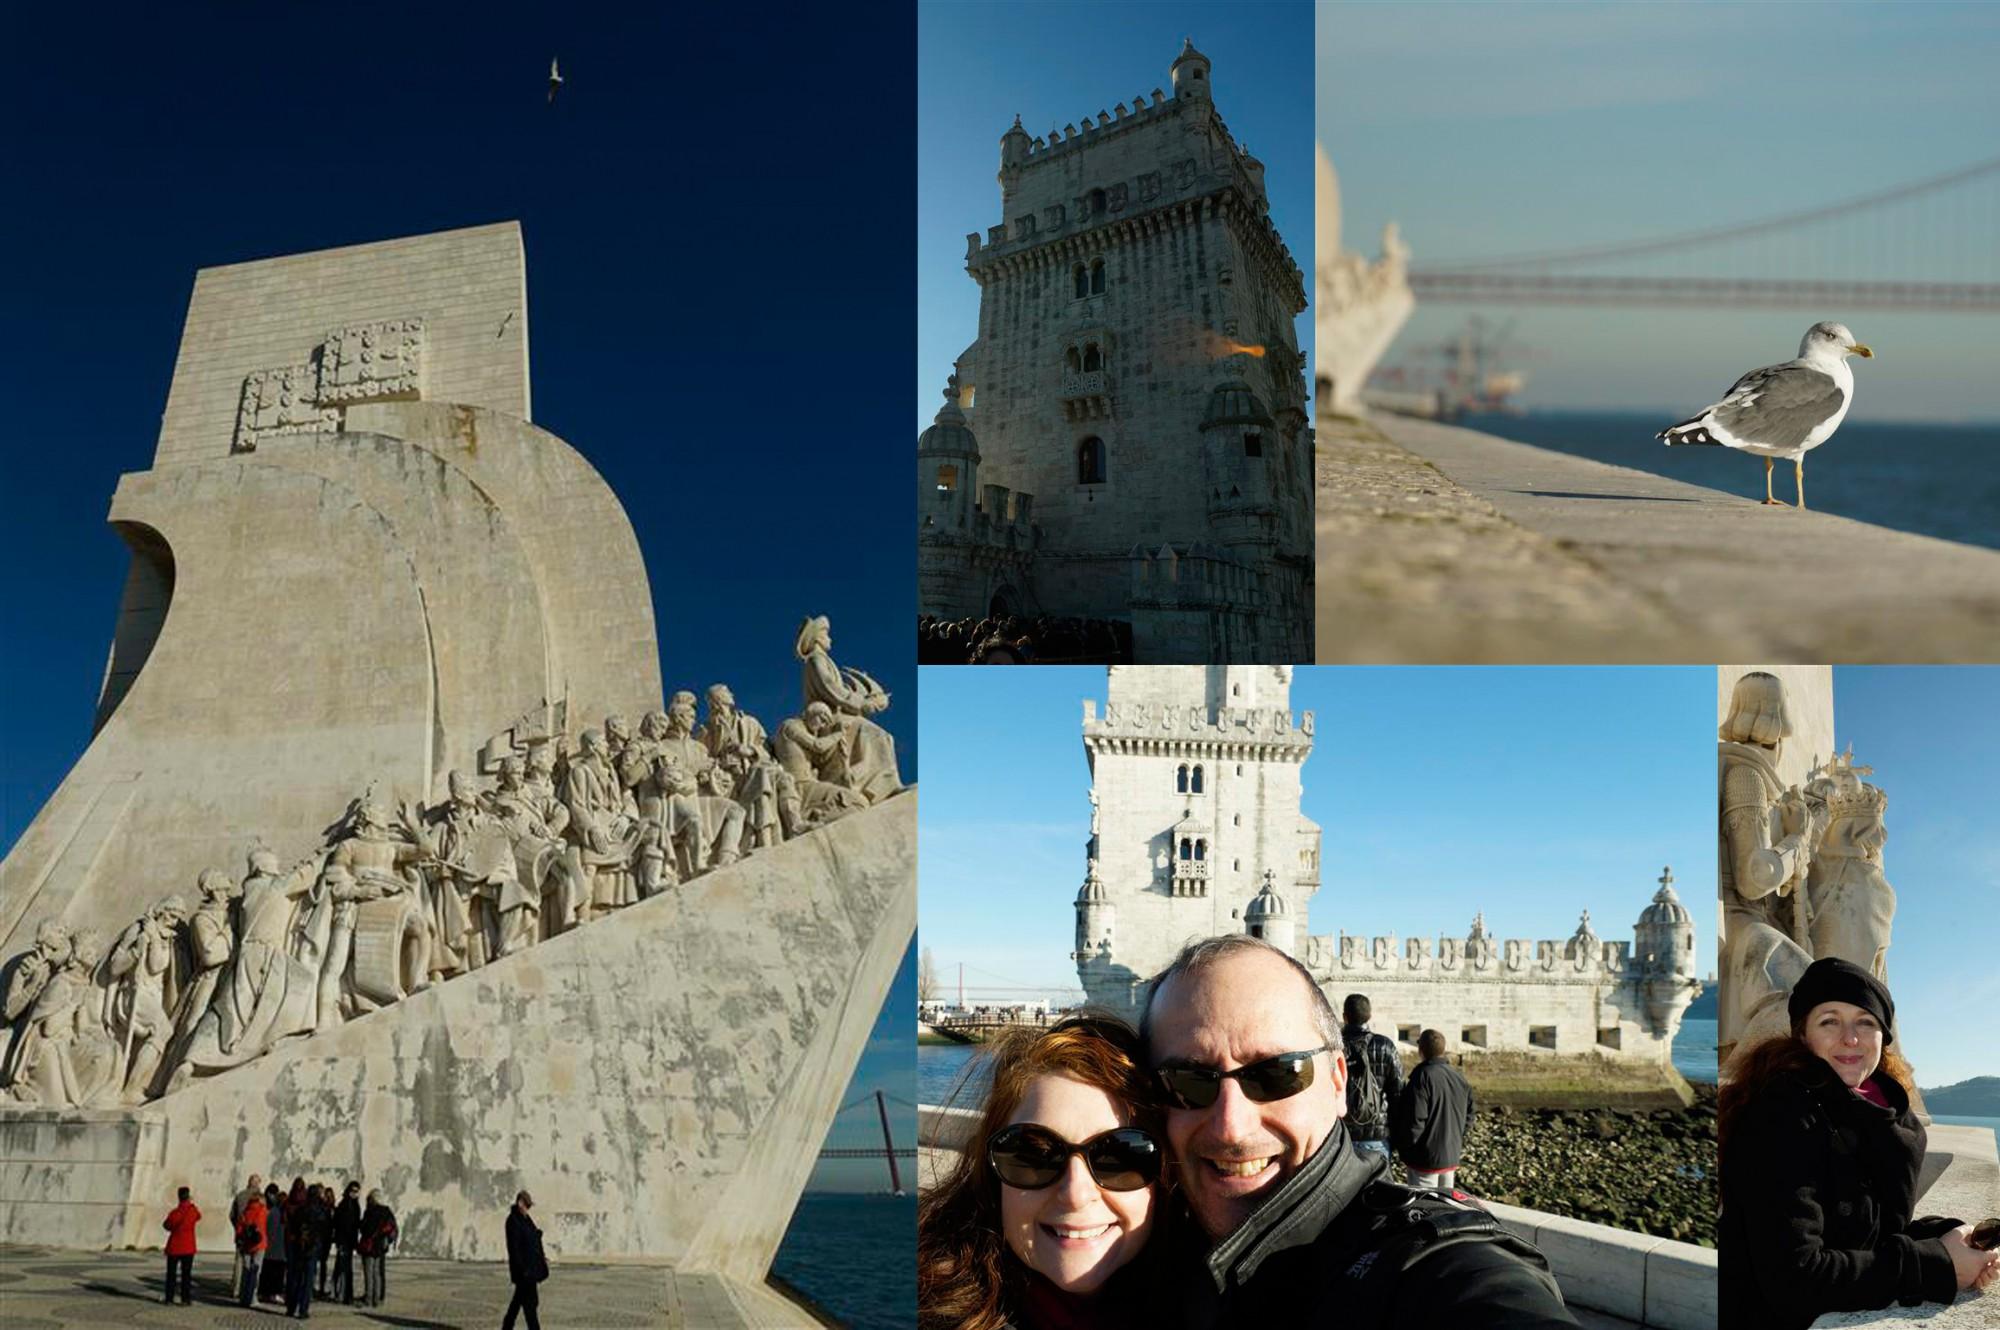 Reisetipps Lissabon in Winter von Ü40 Bloggerin Cerstin iknmlo Torre de Belém